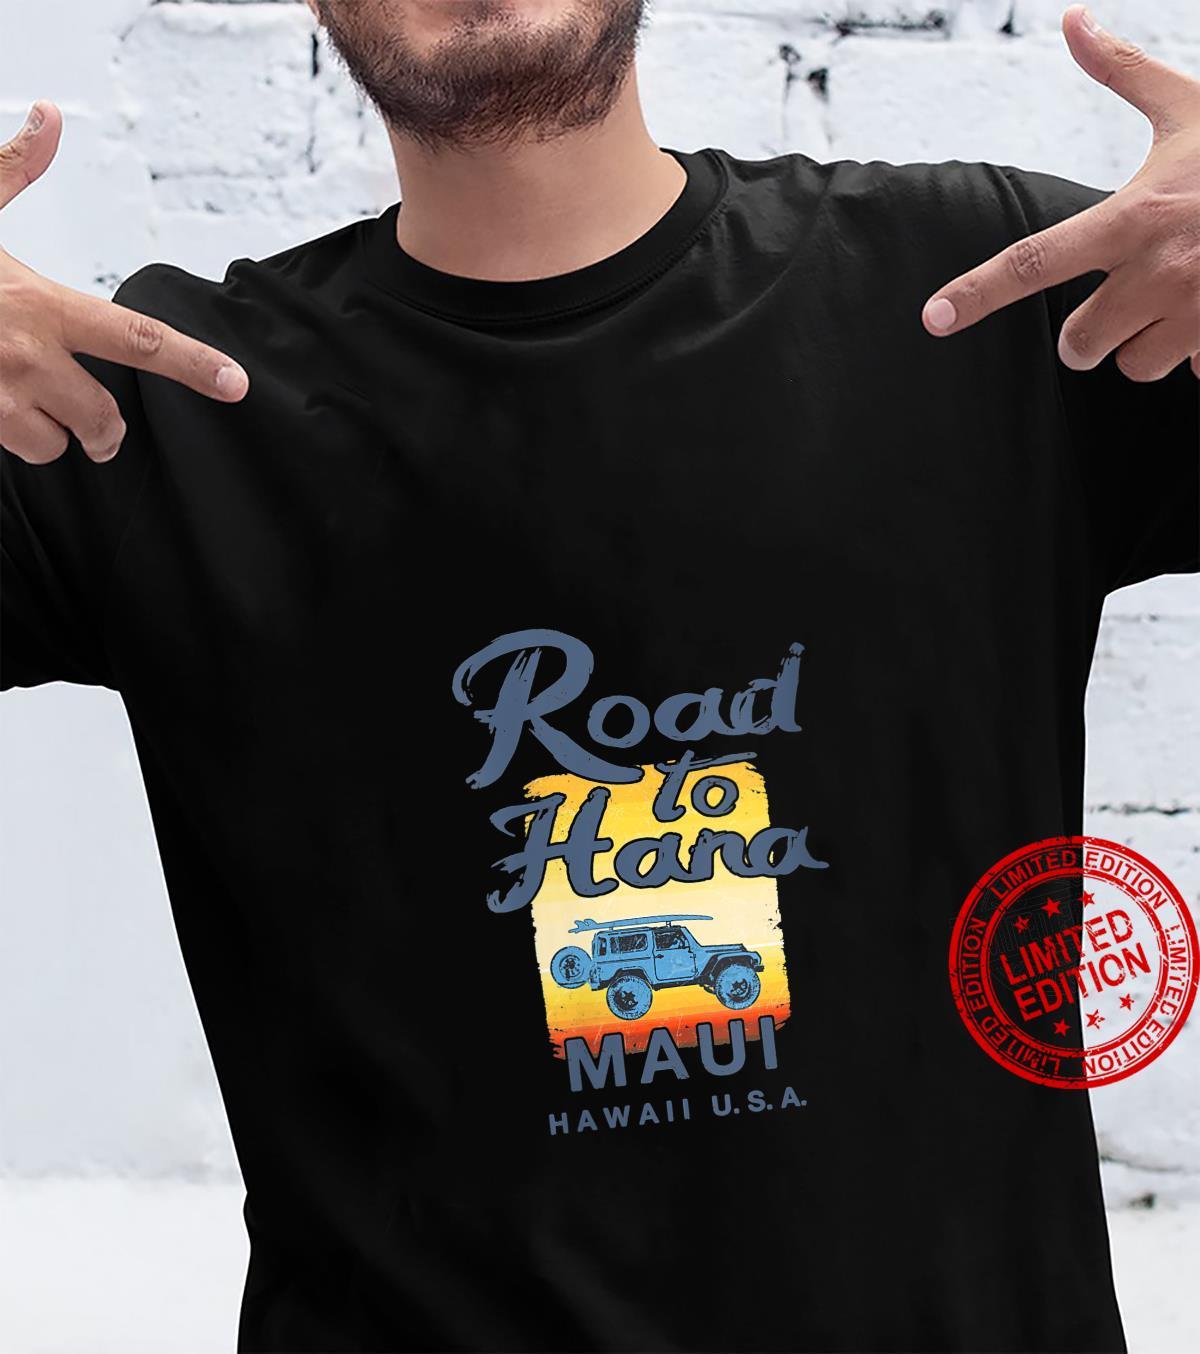 Womens Road to Hana MAUI Hawaii Vintage Shirt